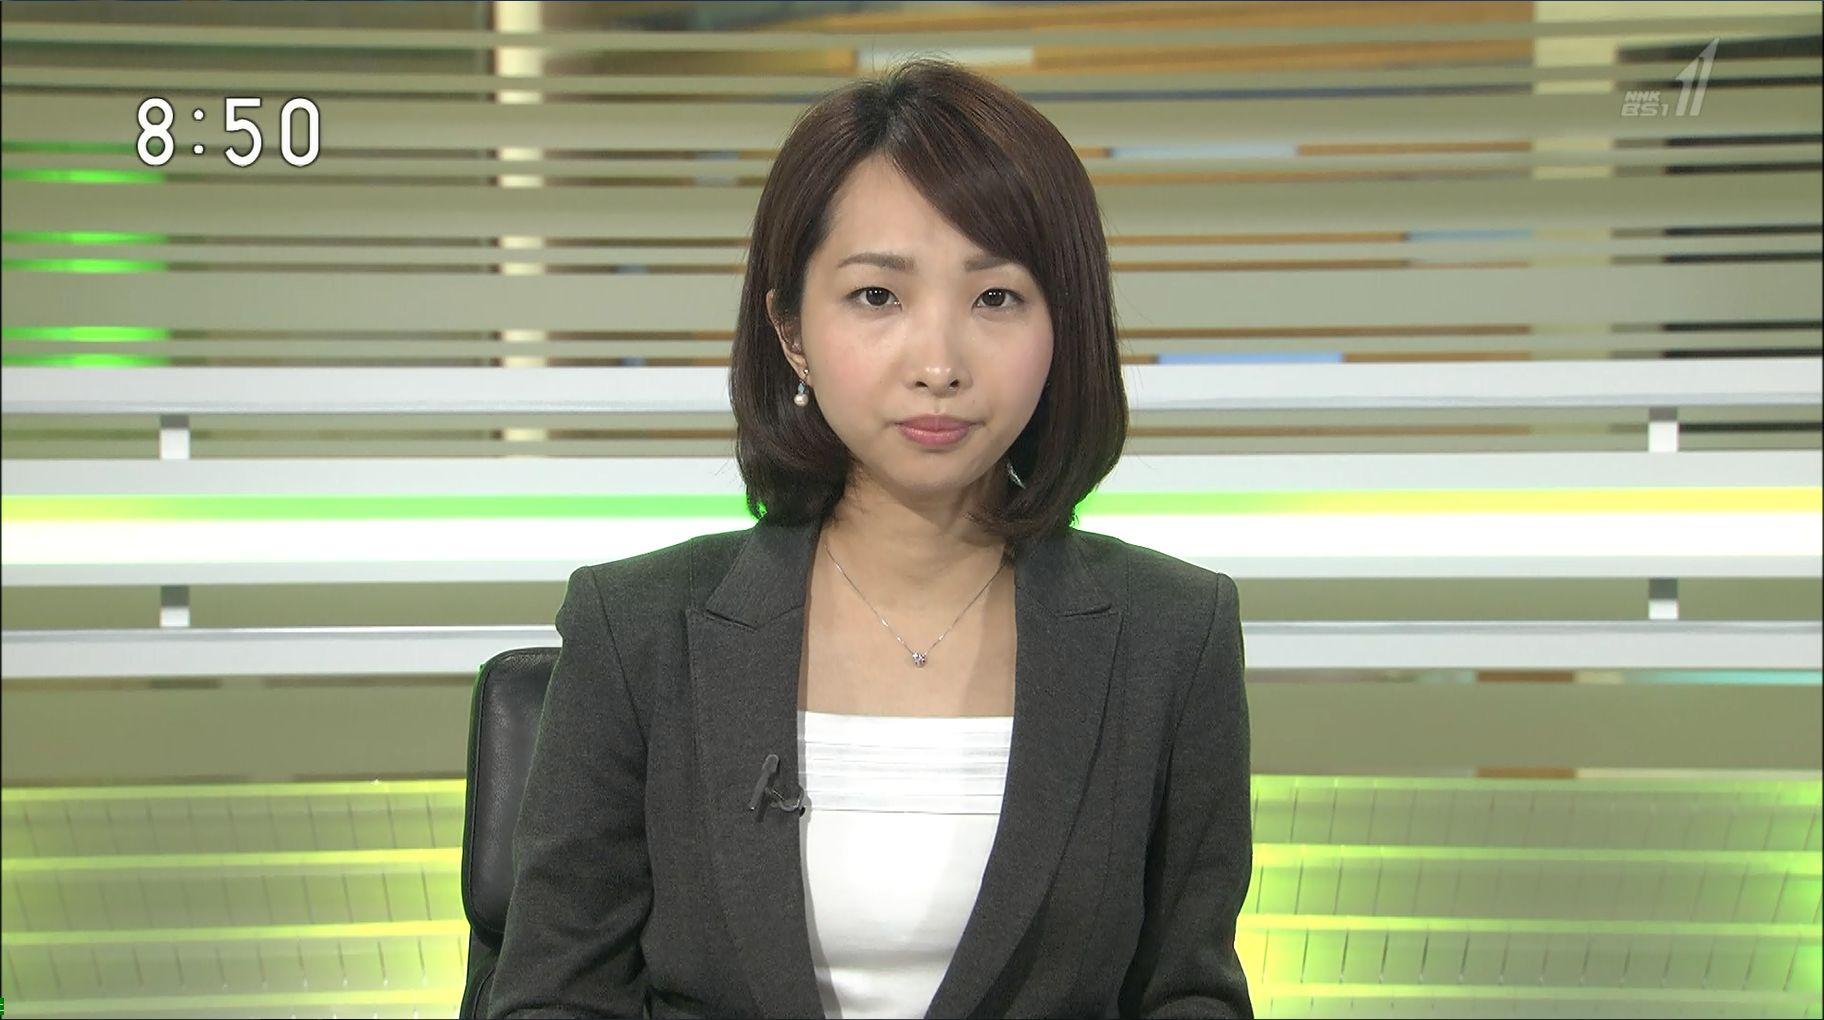 白石理央 | 前橋放送局ブログ:NHK